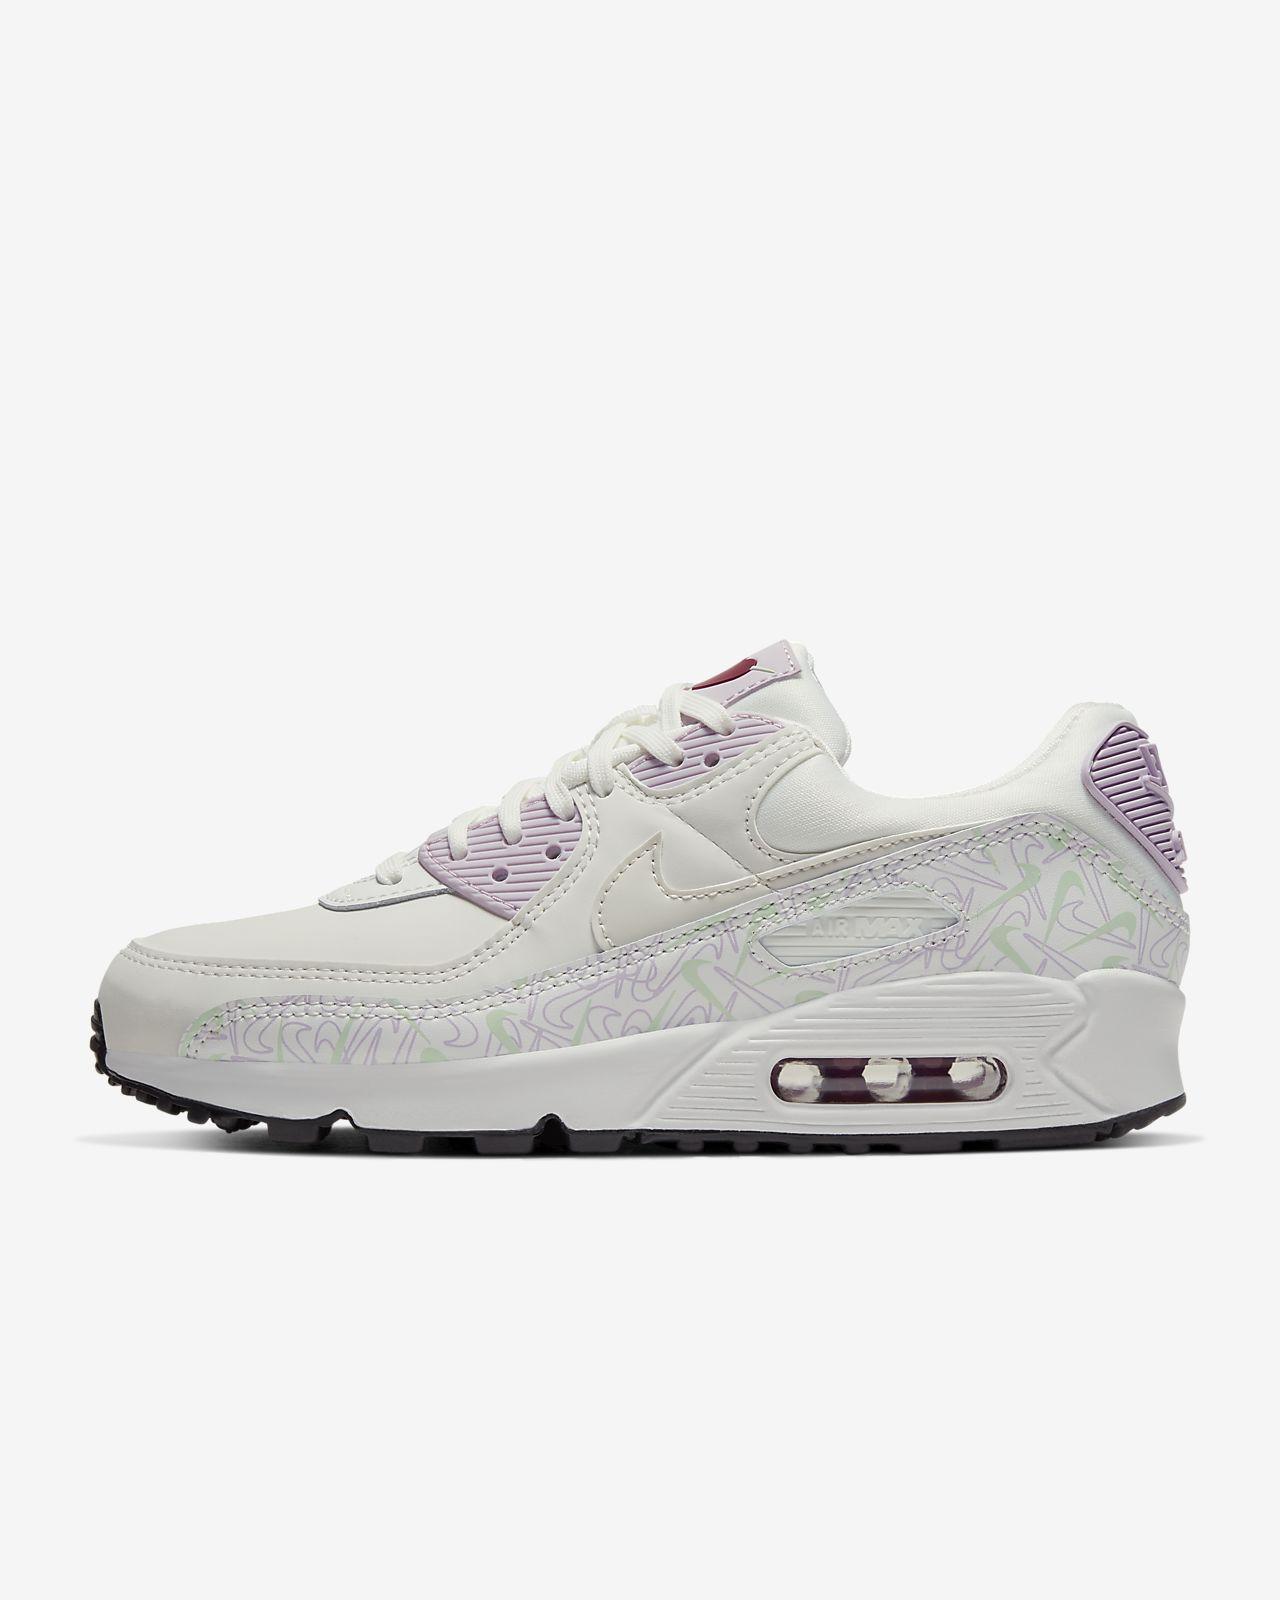 nike air max 90 rosa hvit og svart